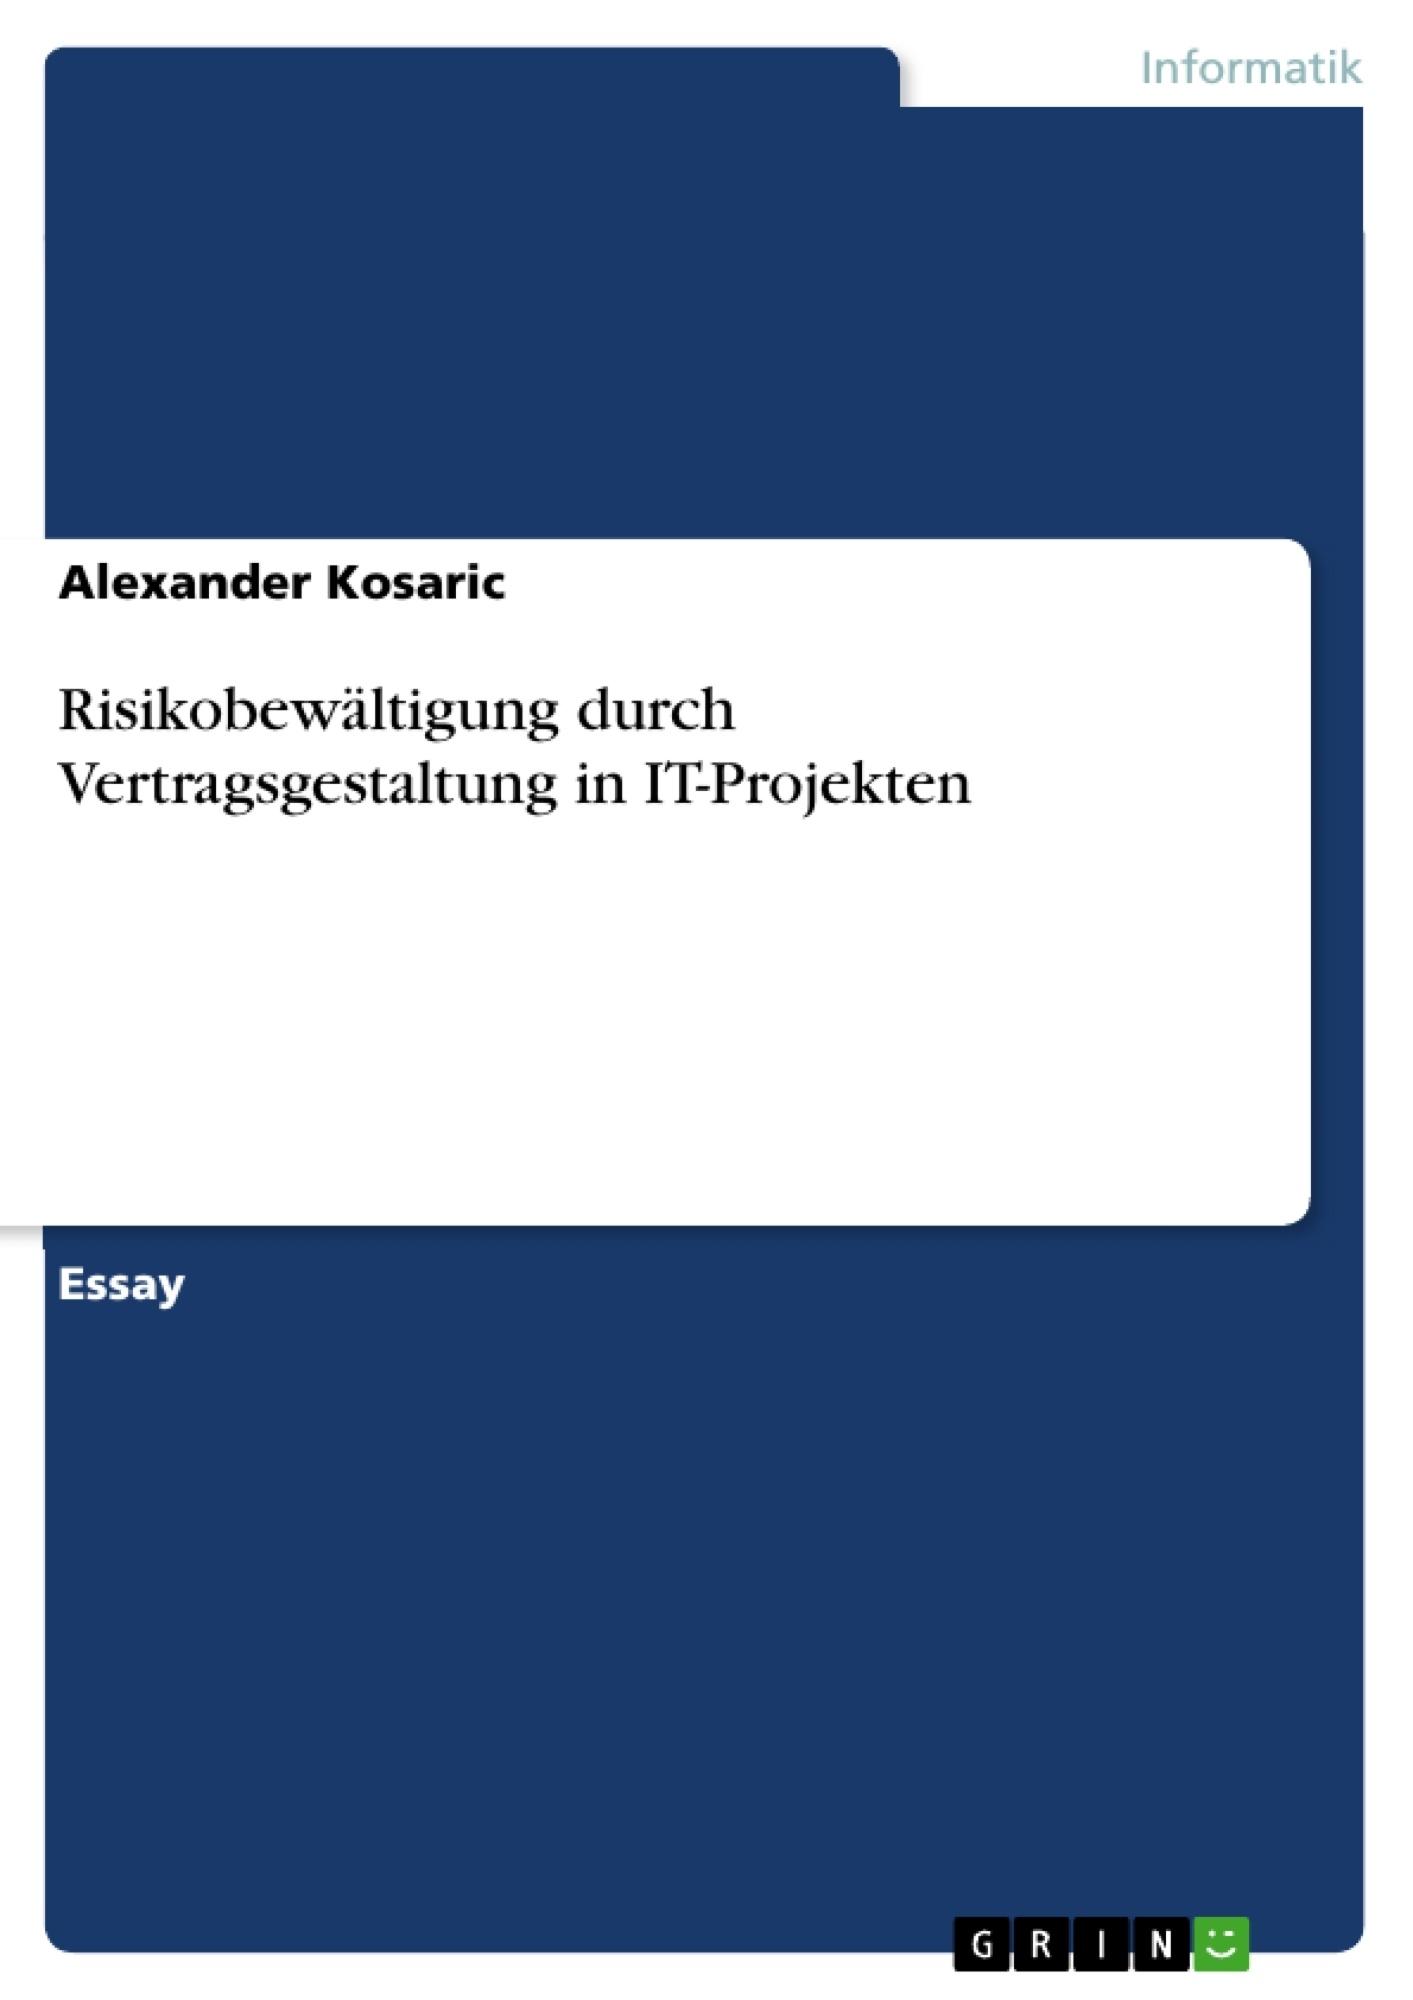 Titel: Risikobewältigung durch Vertragsgestaltung in IT-Projekten